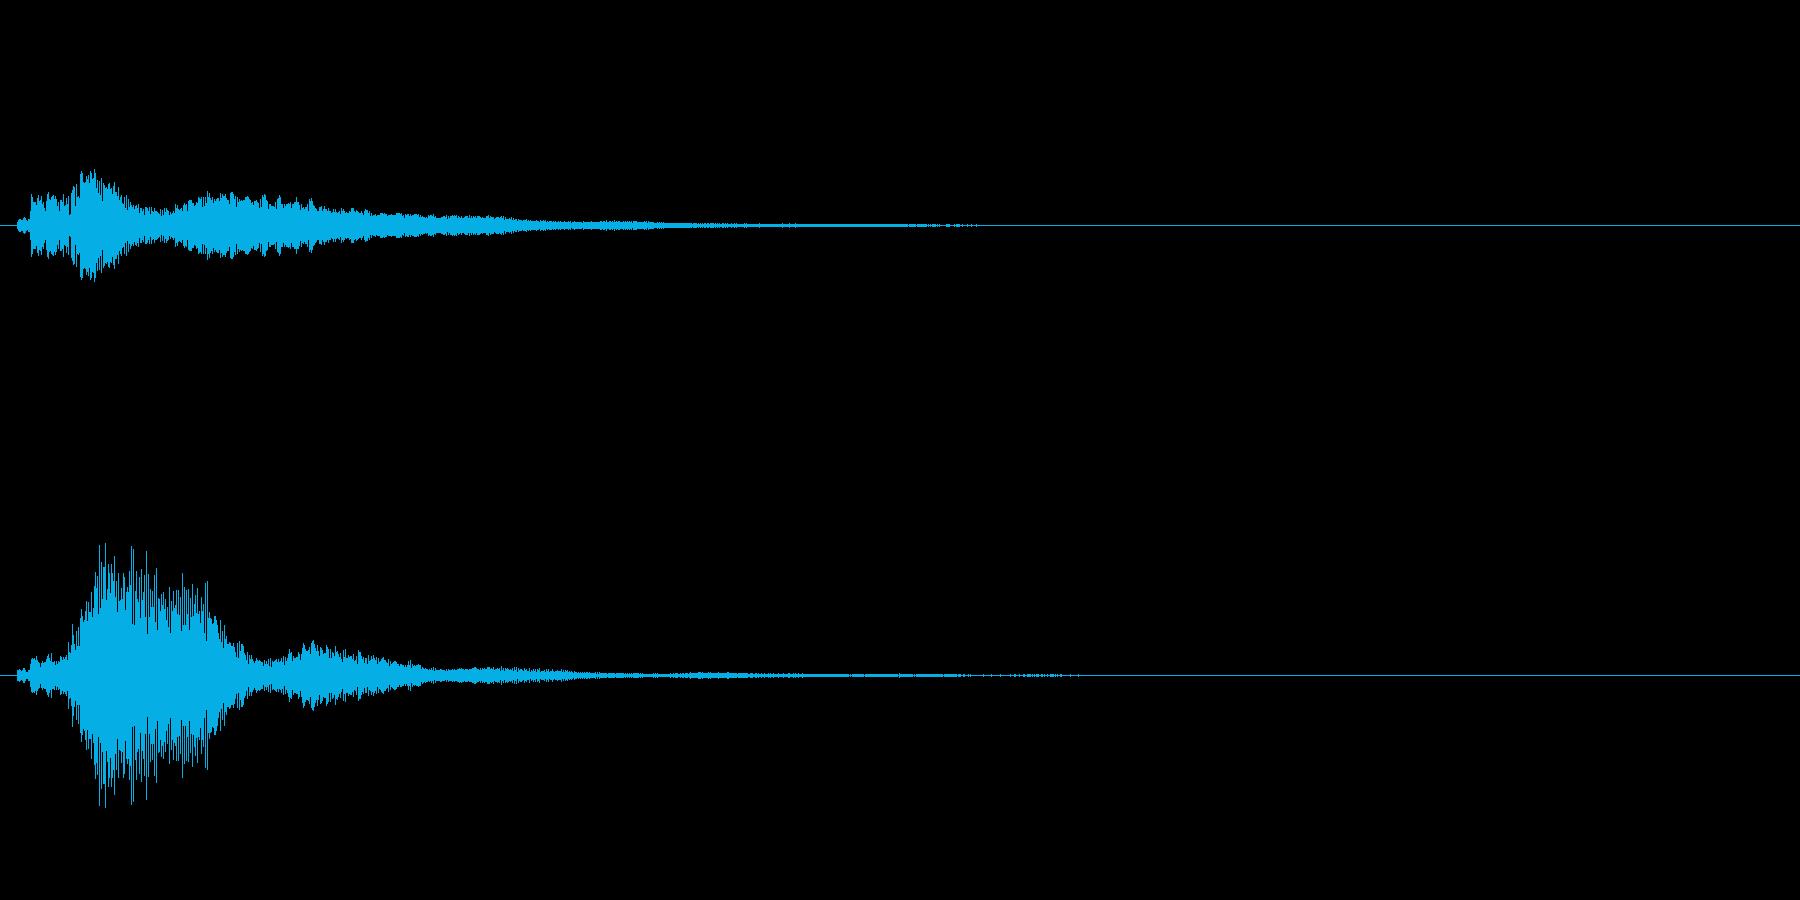 キラキラ系_066の再生済みの波形